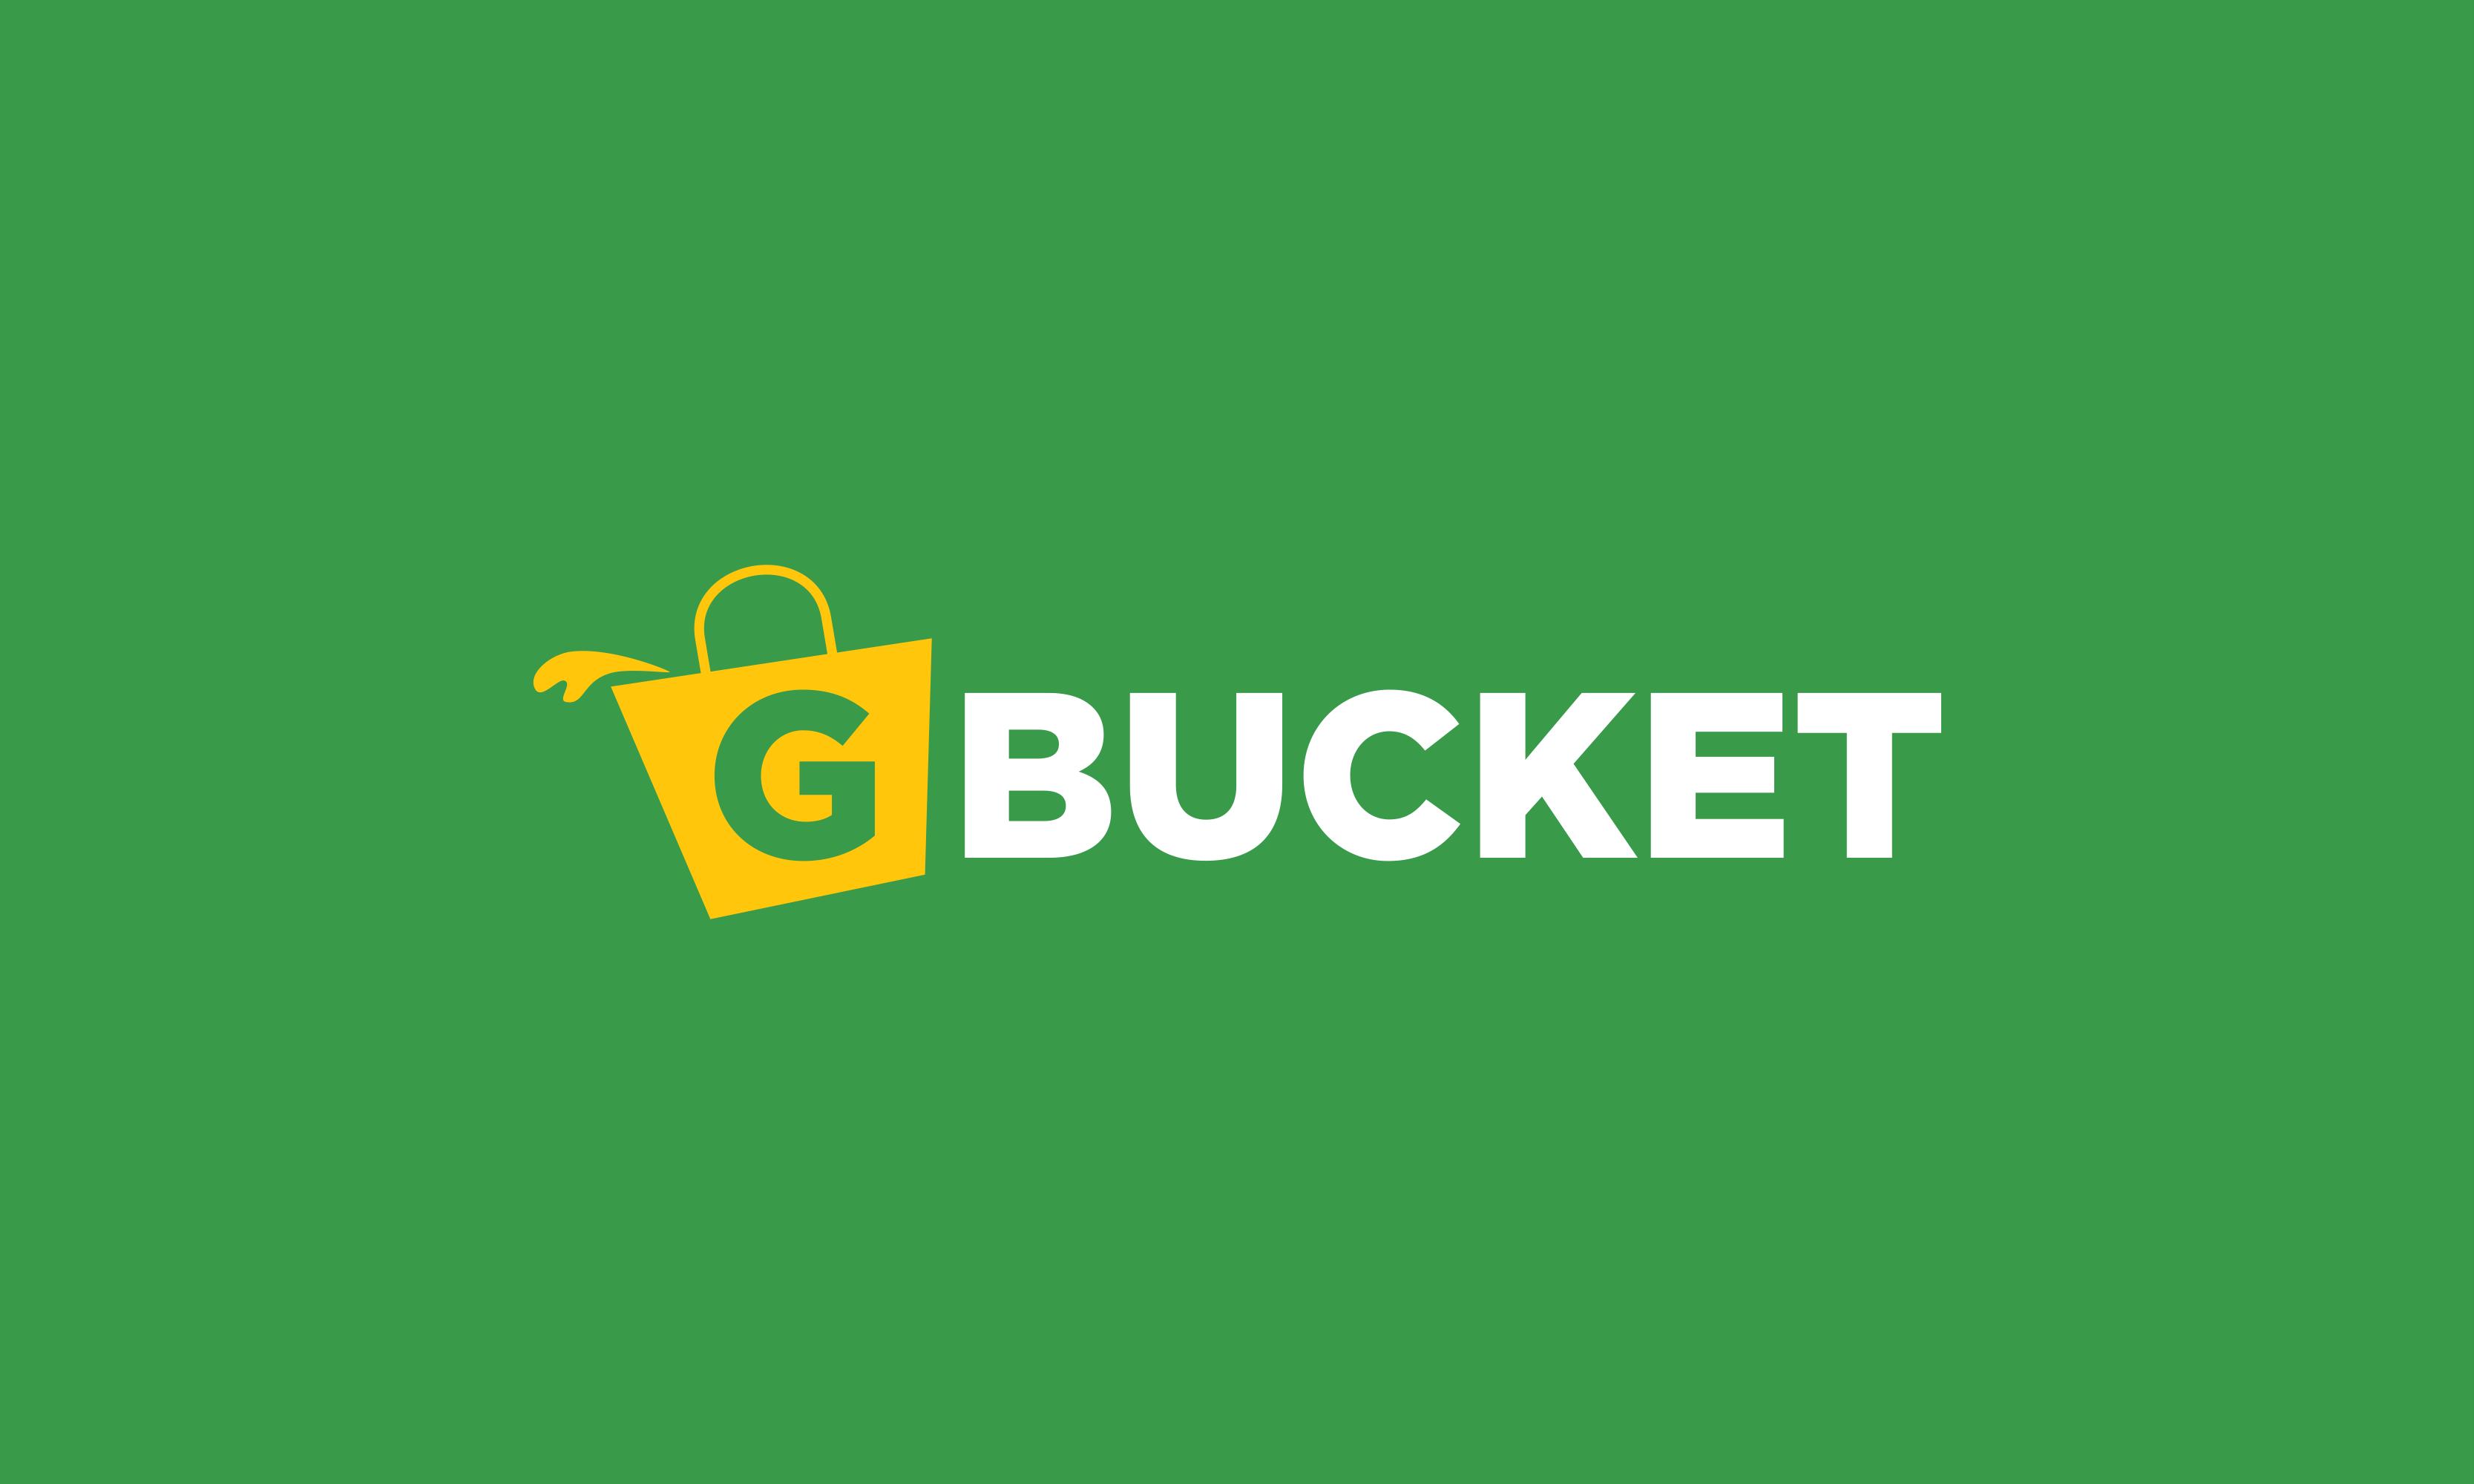 Gbucket